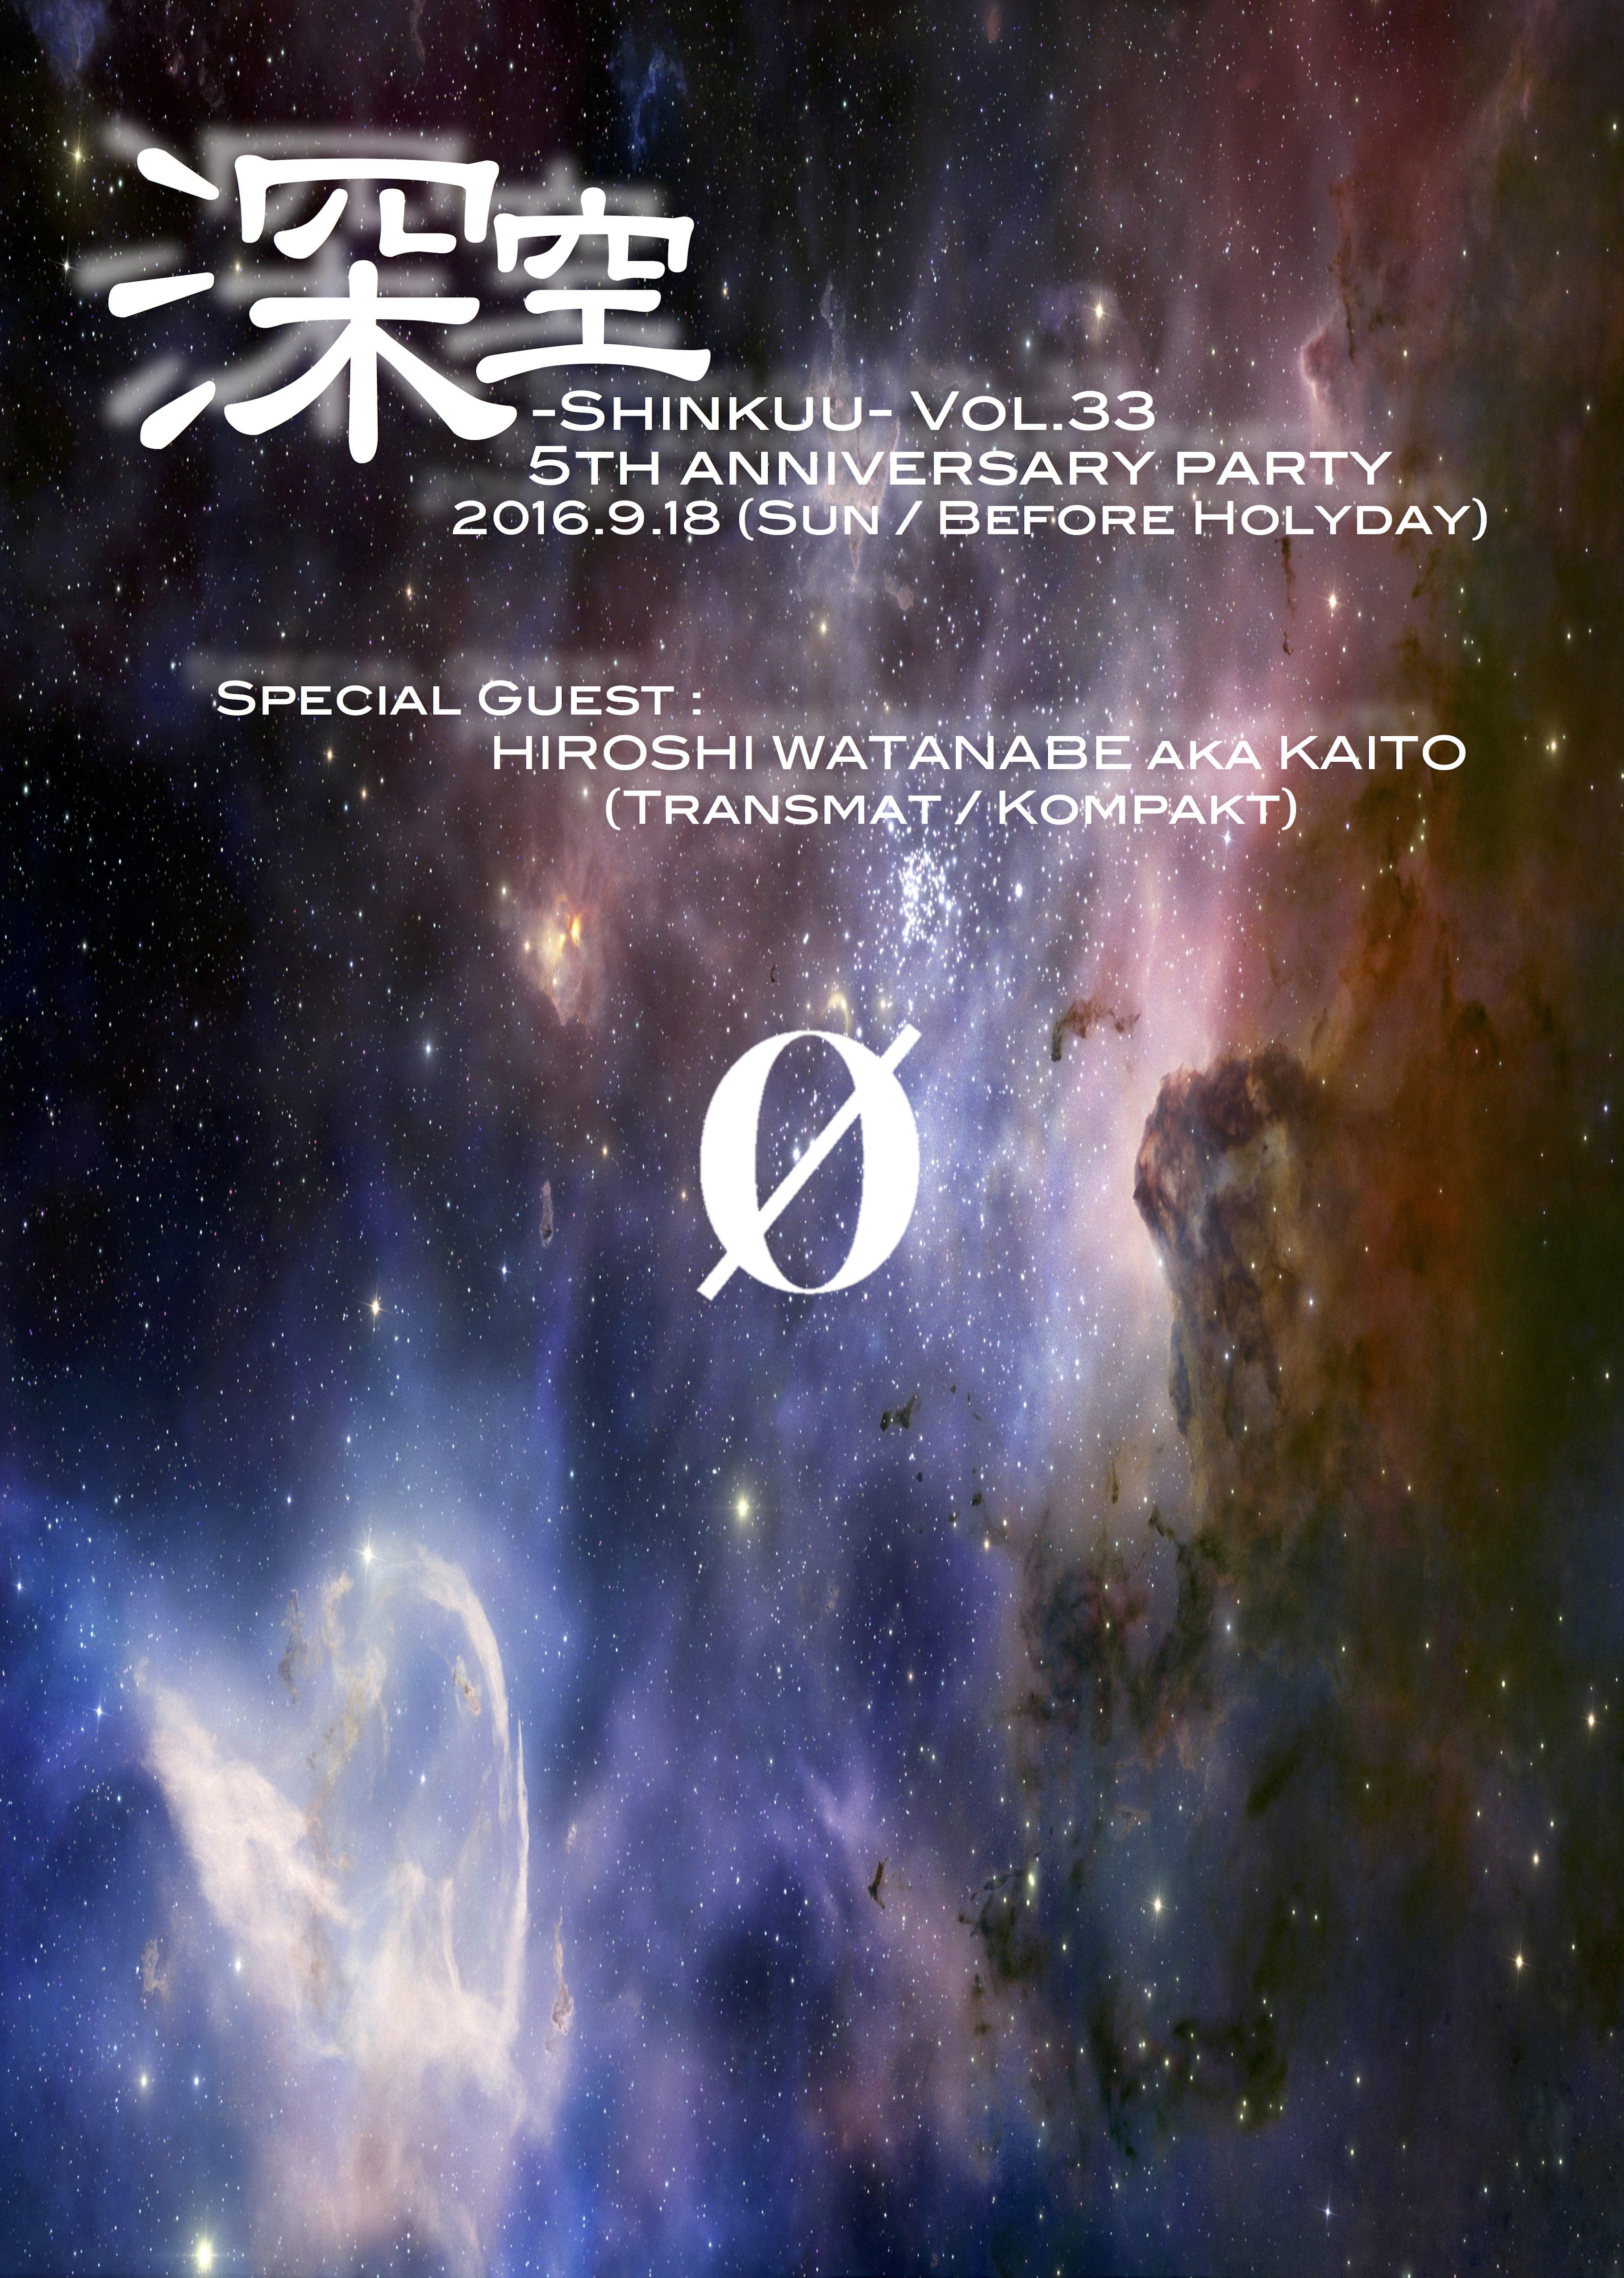 「深空-Shinkuu-Vol.33」5th Anniversary Party